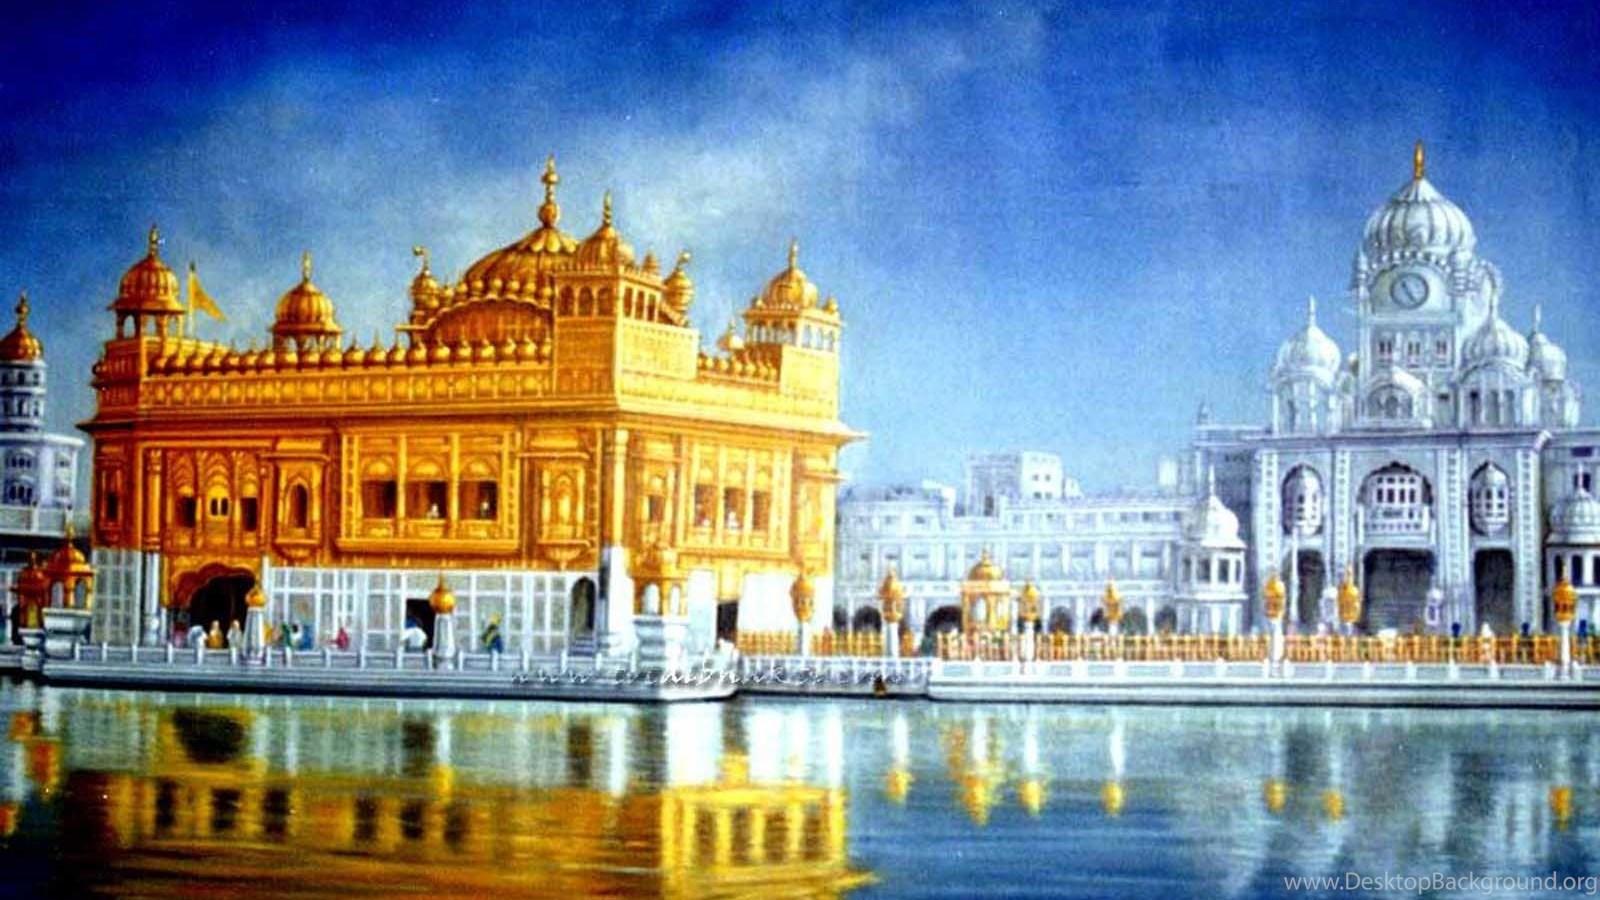 golden temple wallpapers wallpapers zone desktop background